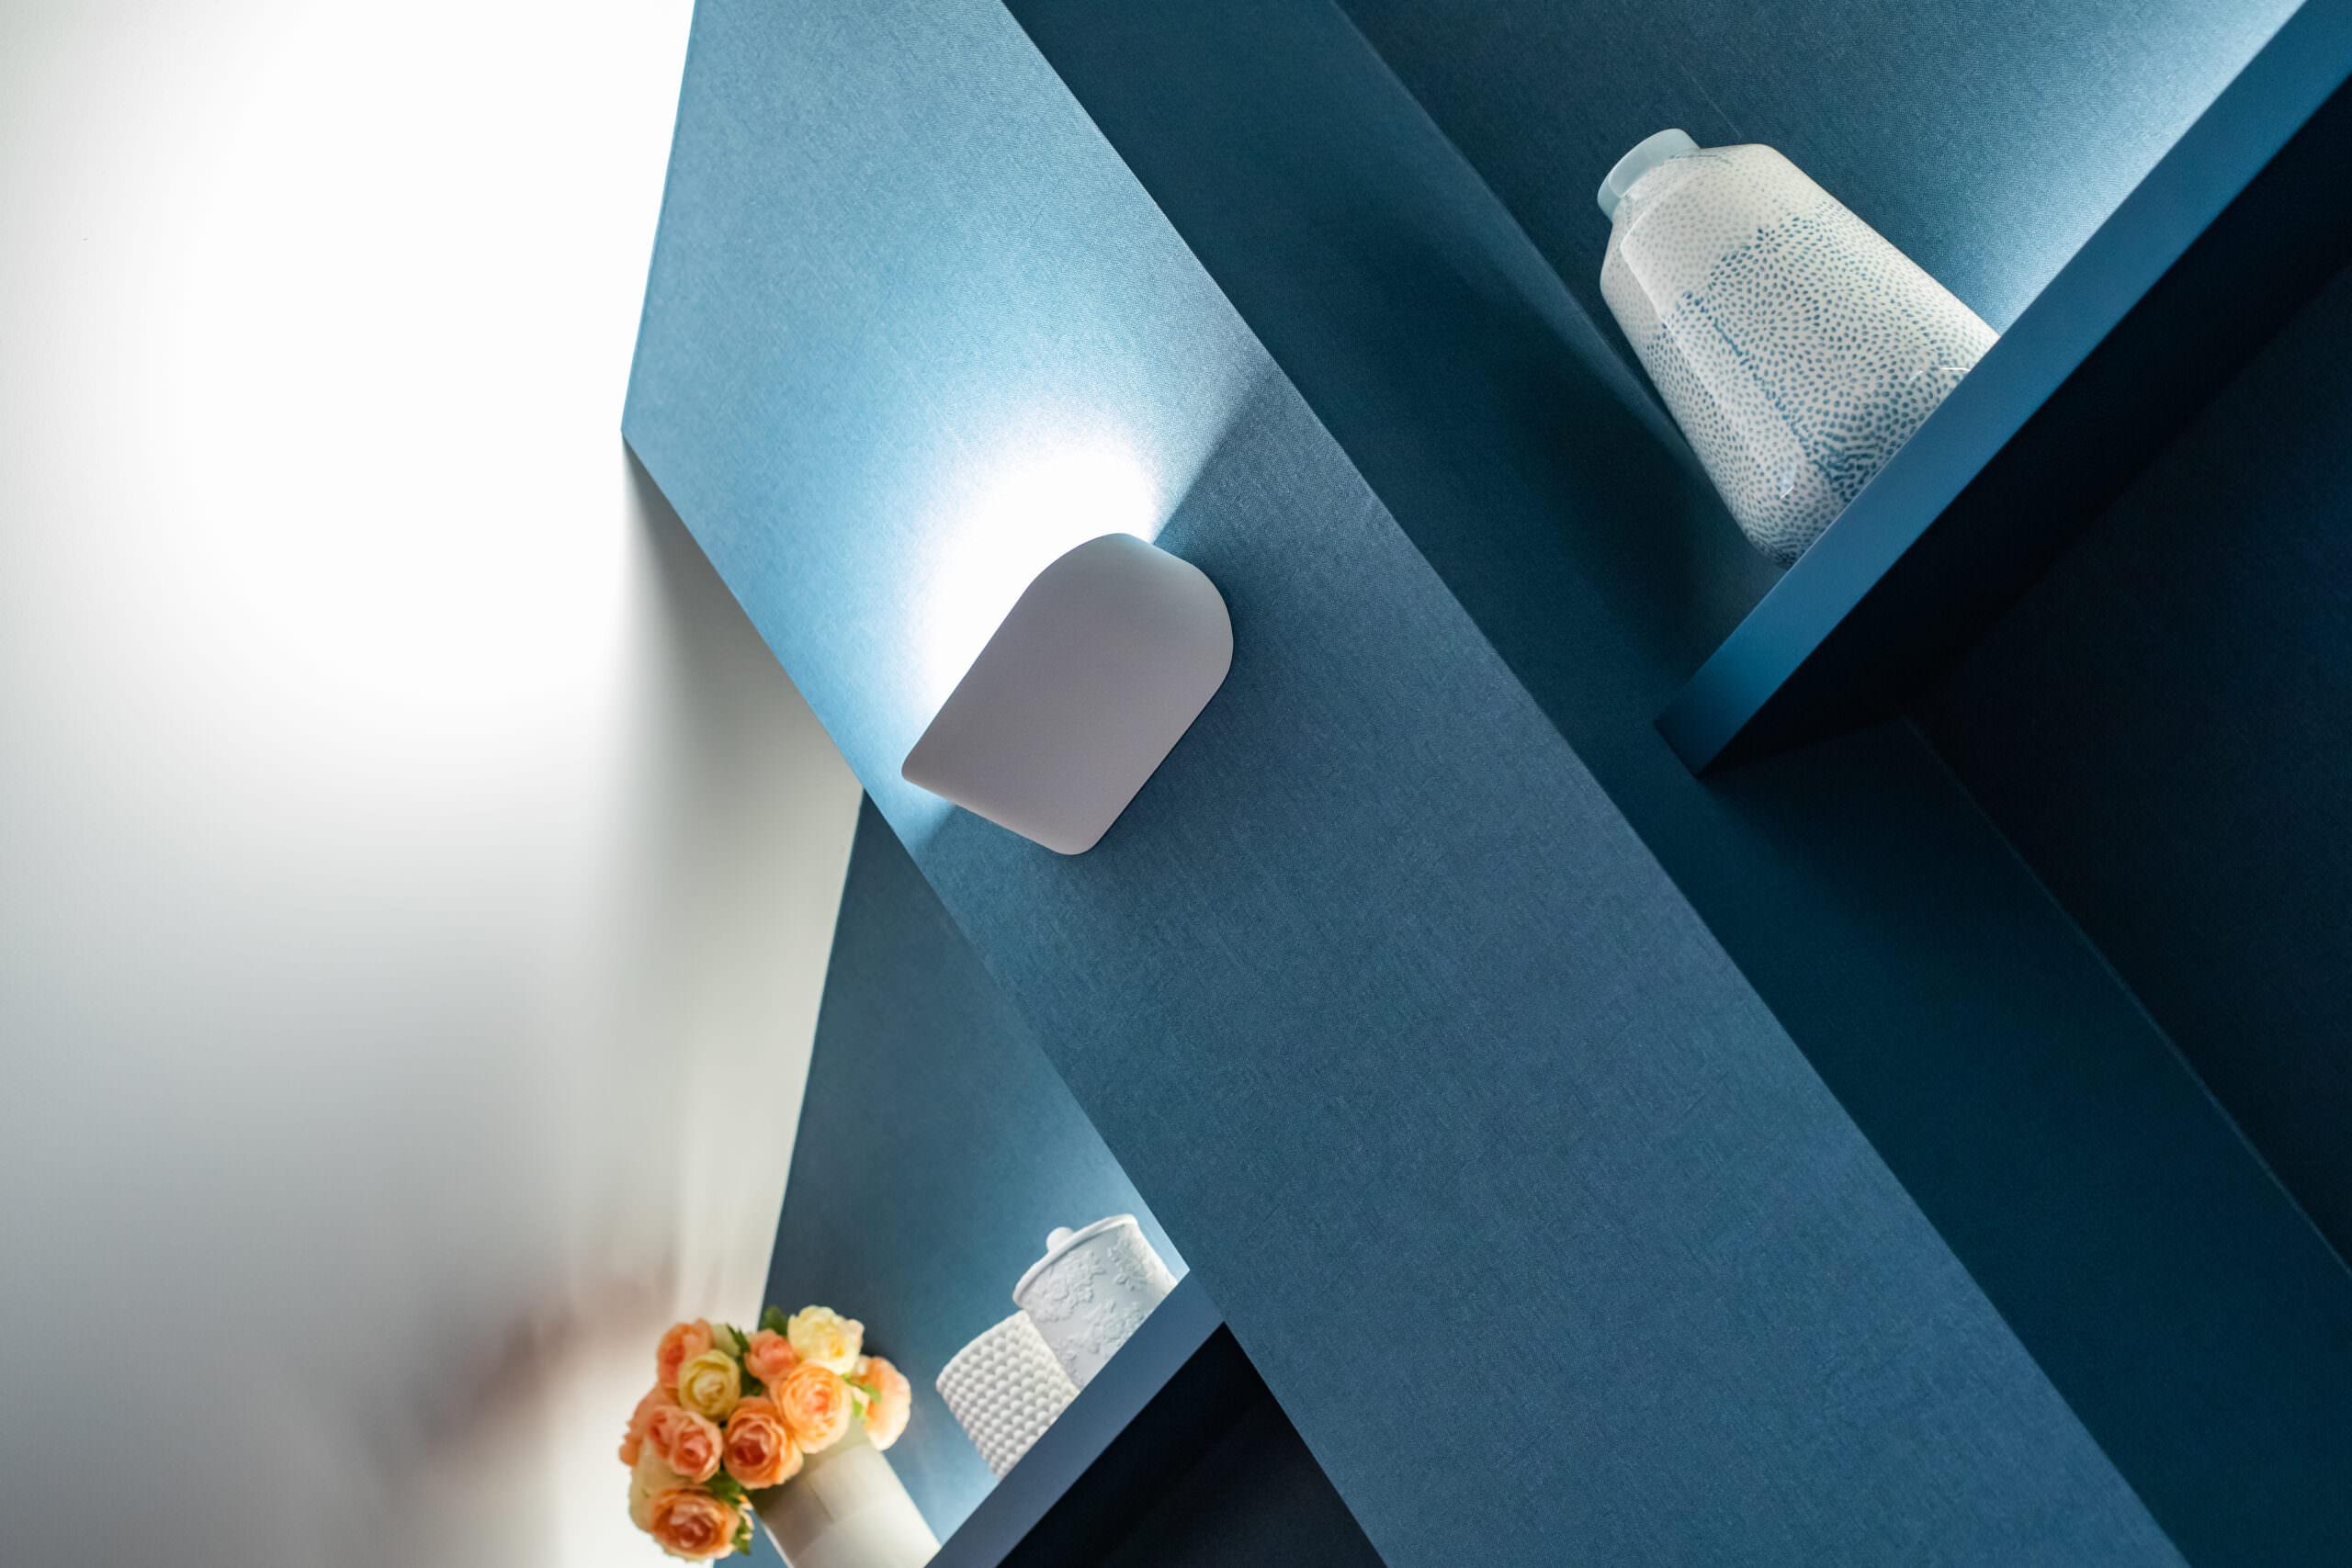 Papel decorativo azul denim que da profundidad al espacio bajo techo